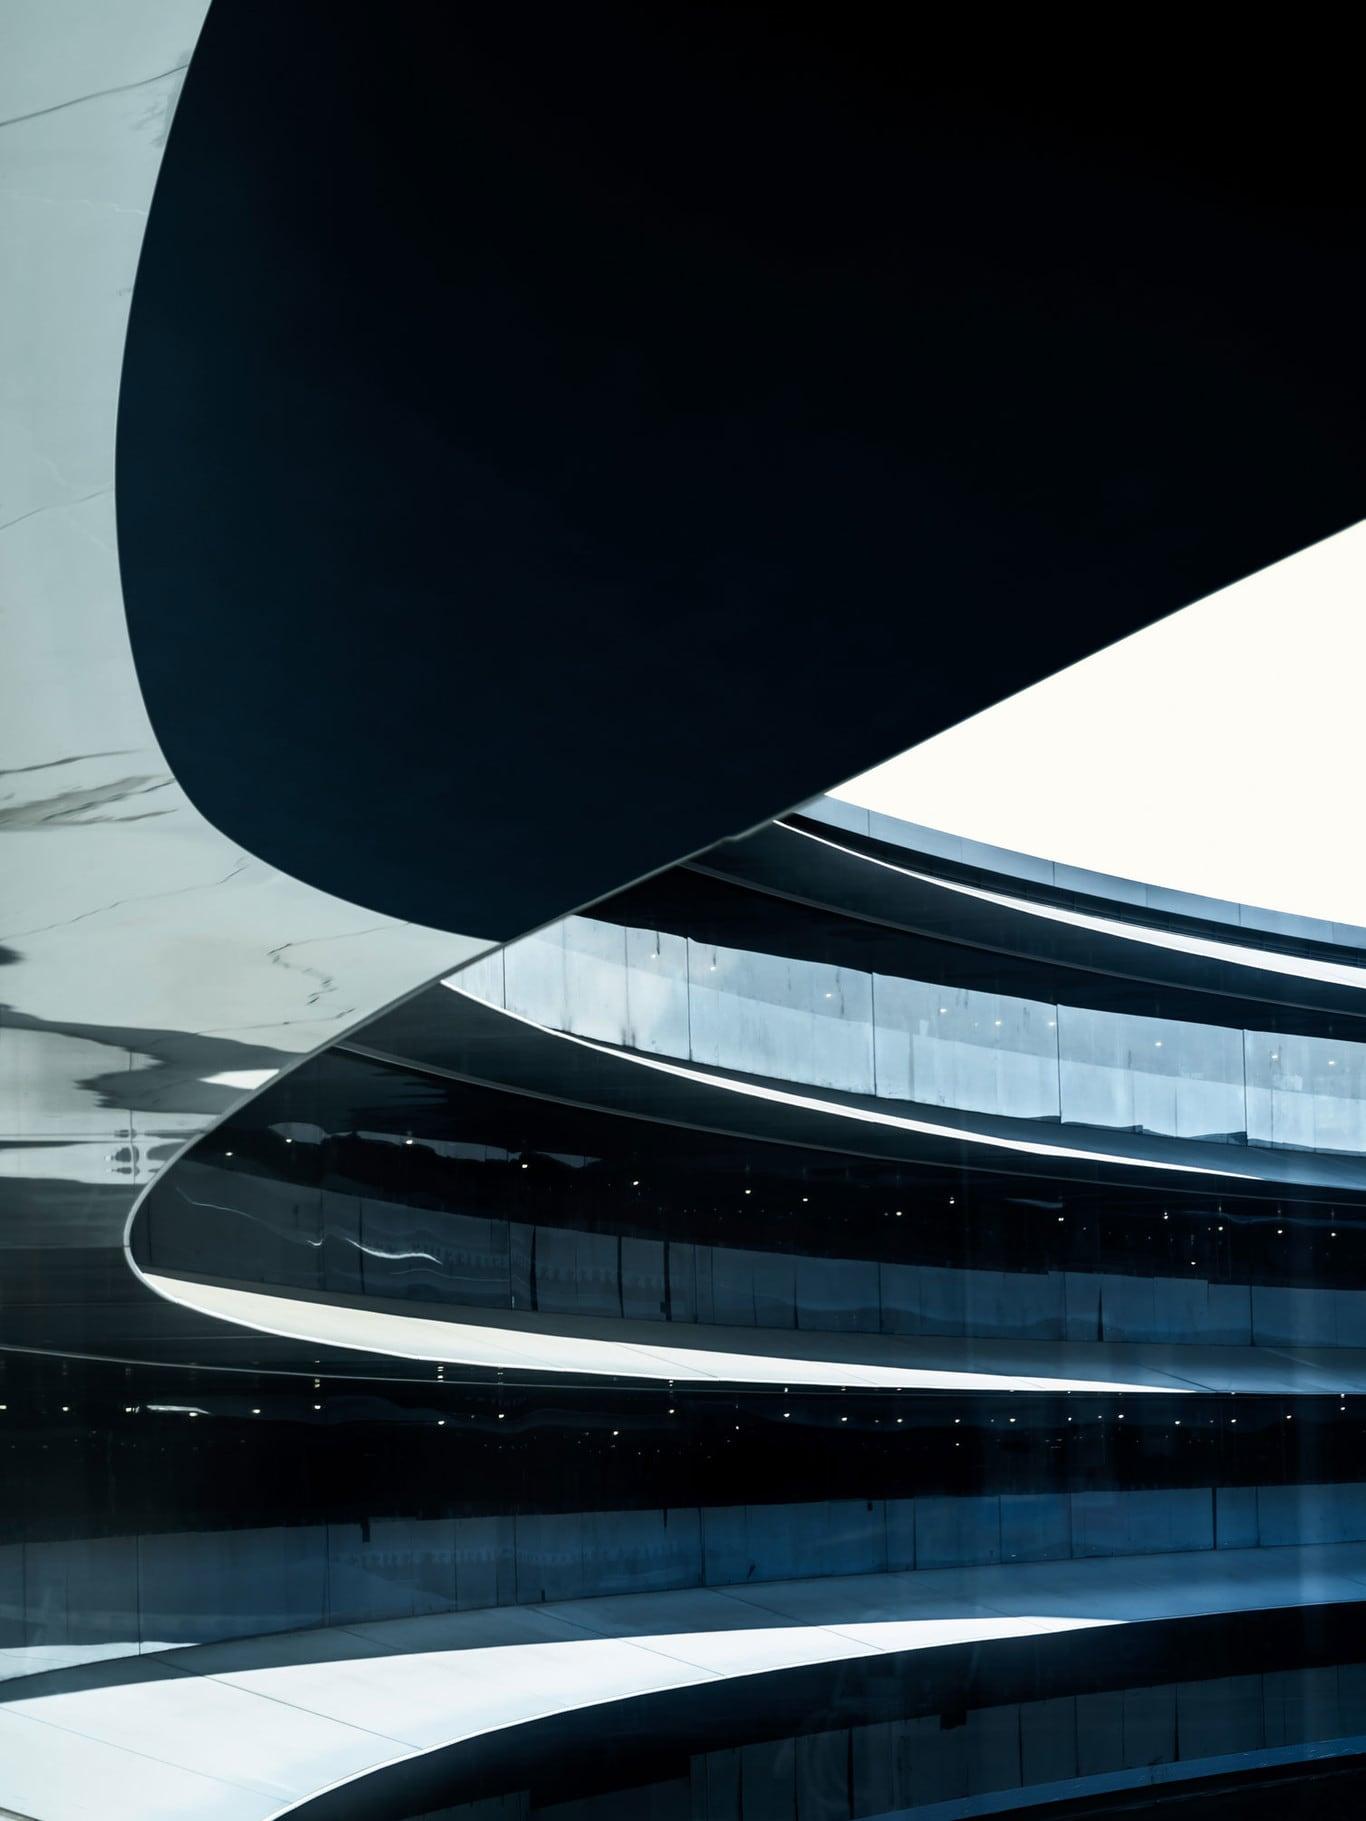 Un vistazo a Apple Park, la nave nodriza de Apple